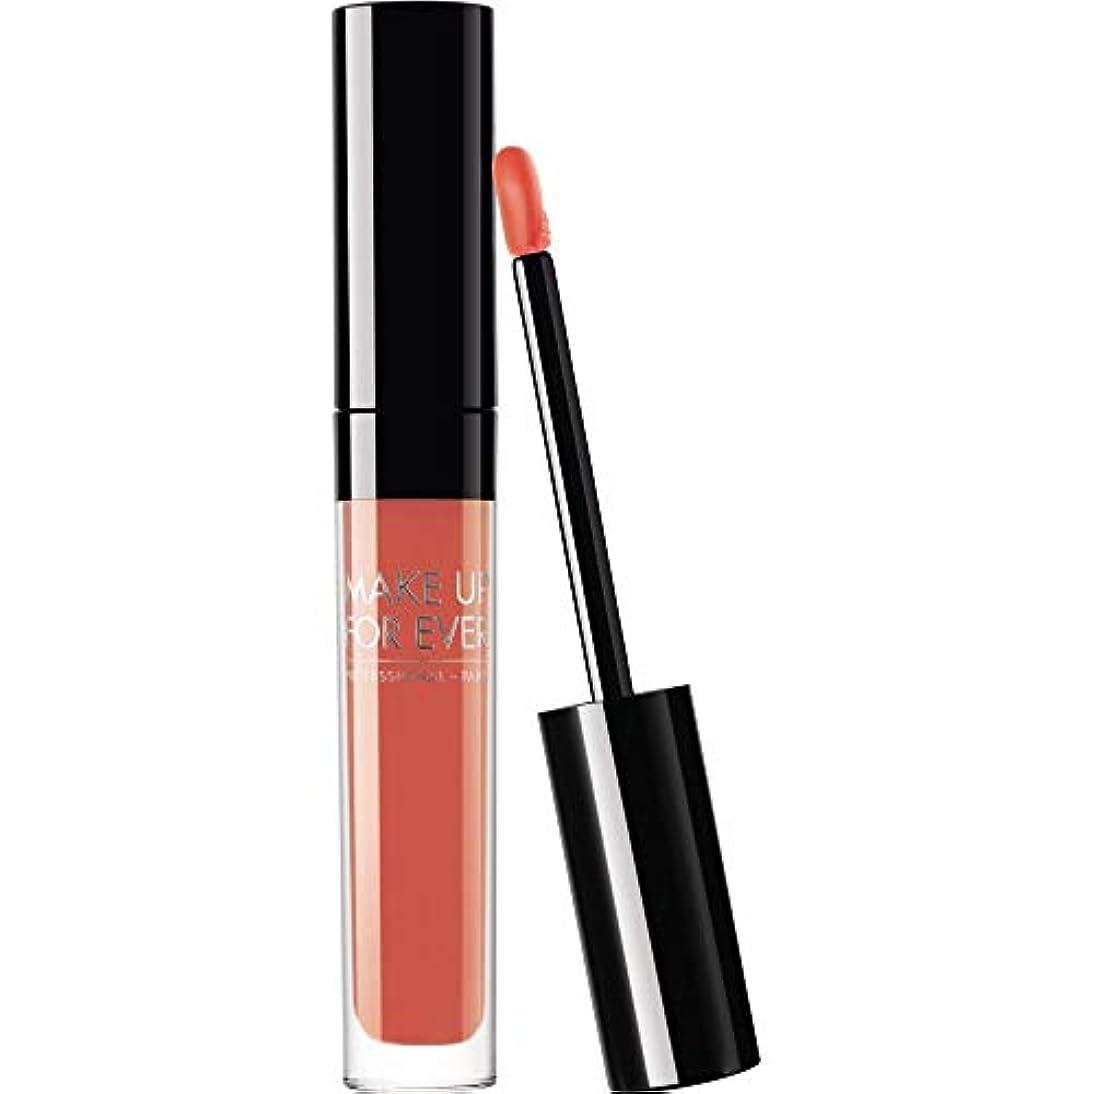 浮く退却満足できる[MAKE UP FOR EVER] 赤珊瑚 - 302 2.5ミリリットルこれまでアーティストの液体マットリップカラーを補います - MAKE UP FOR EVER Artist Liquid Matte Lip Colour...